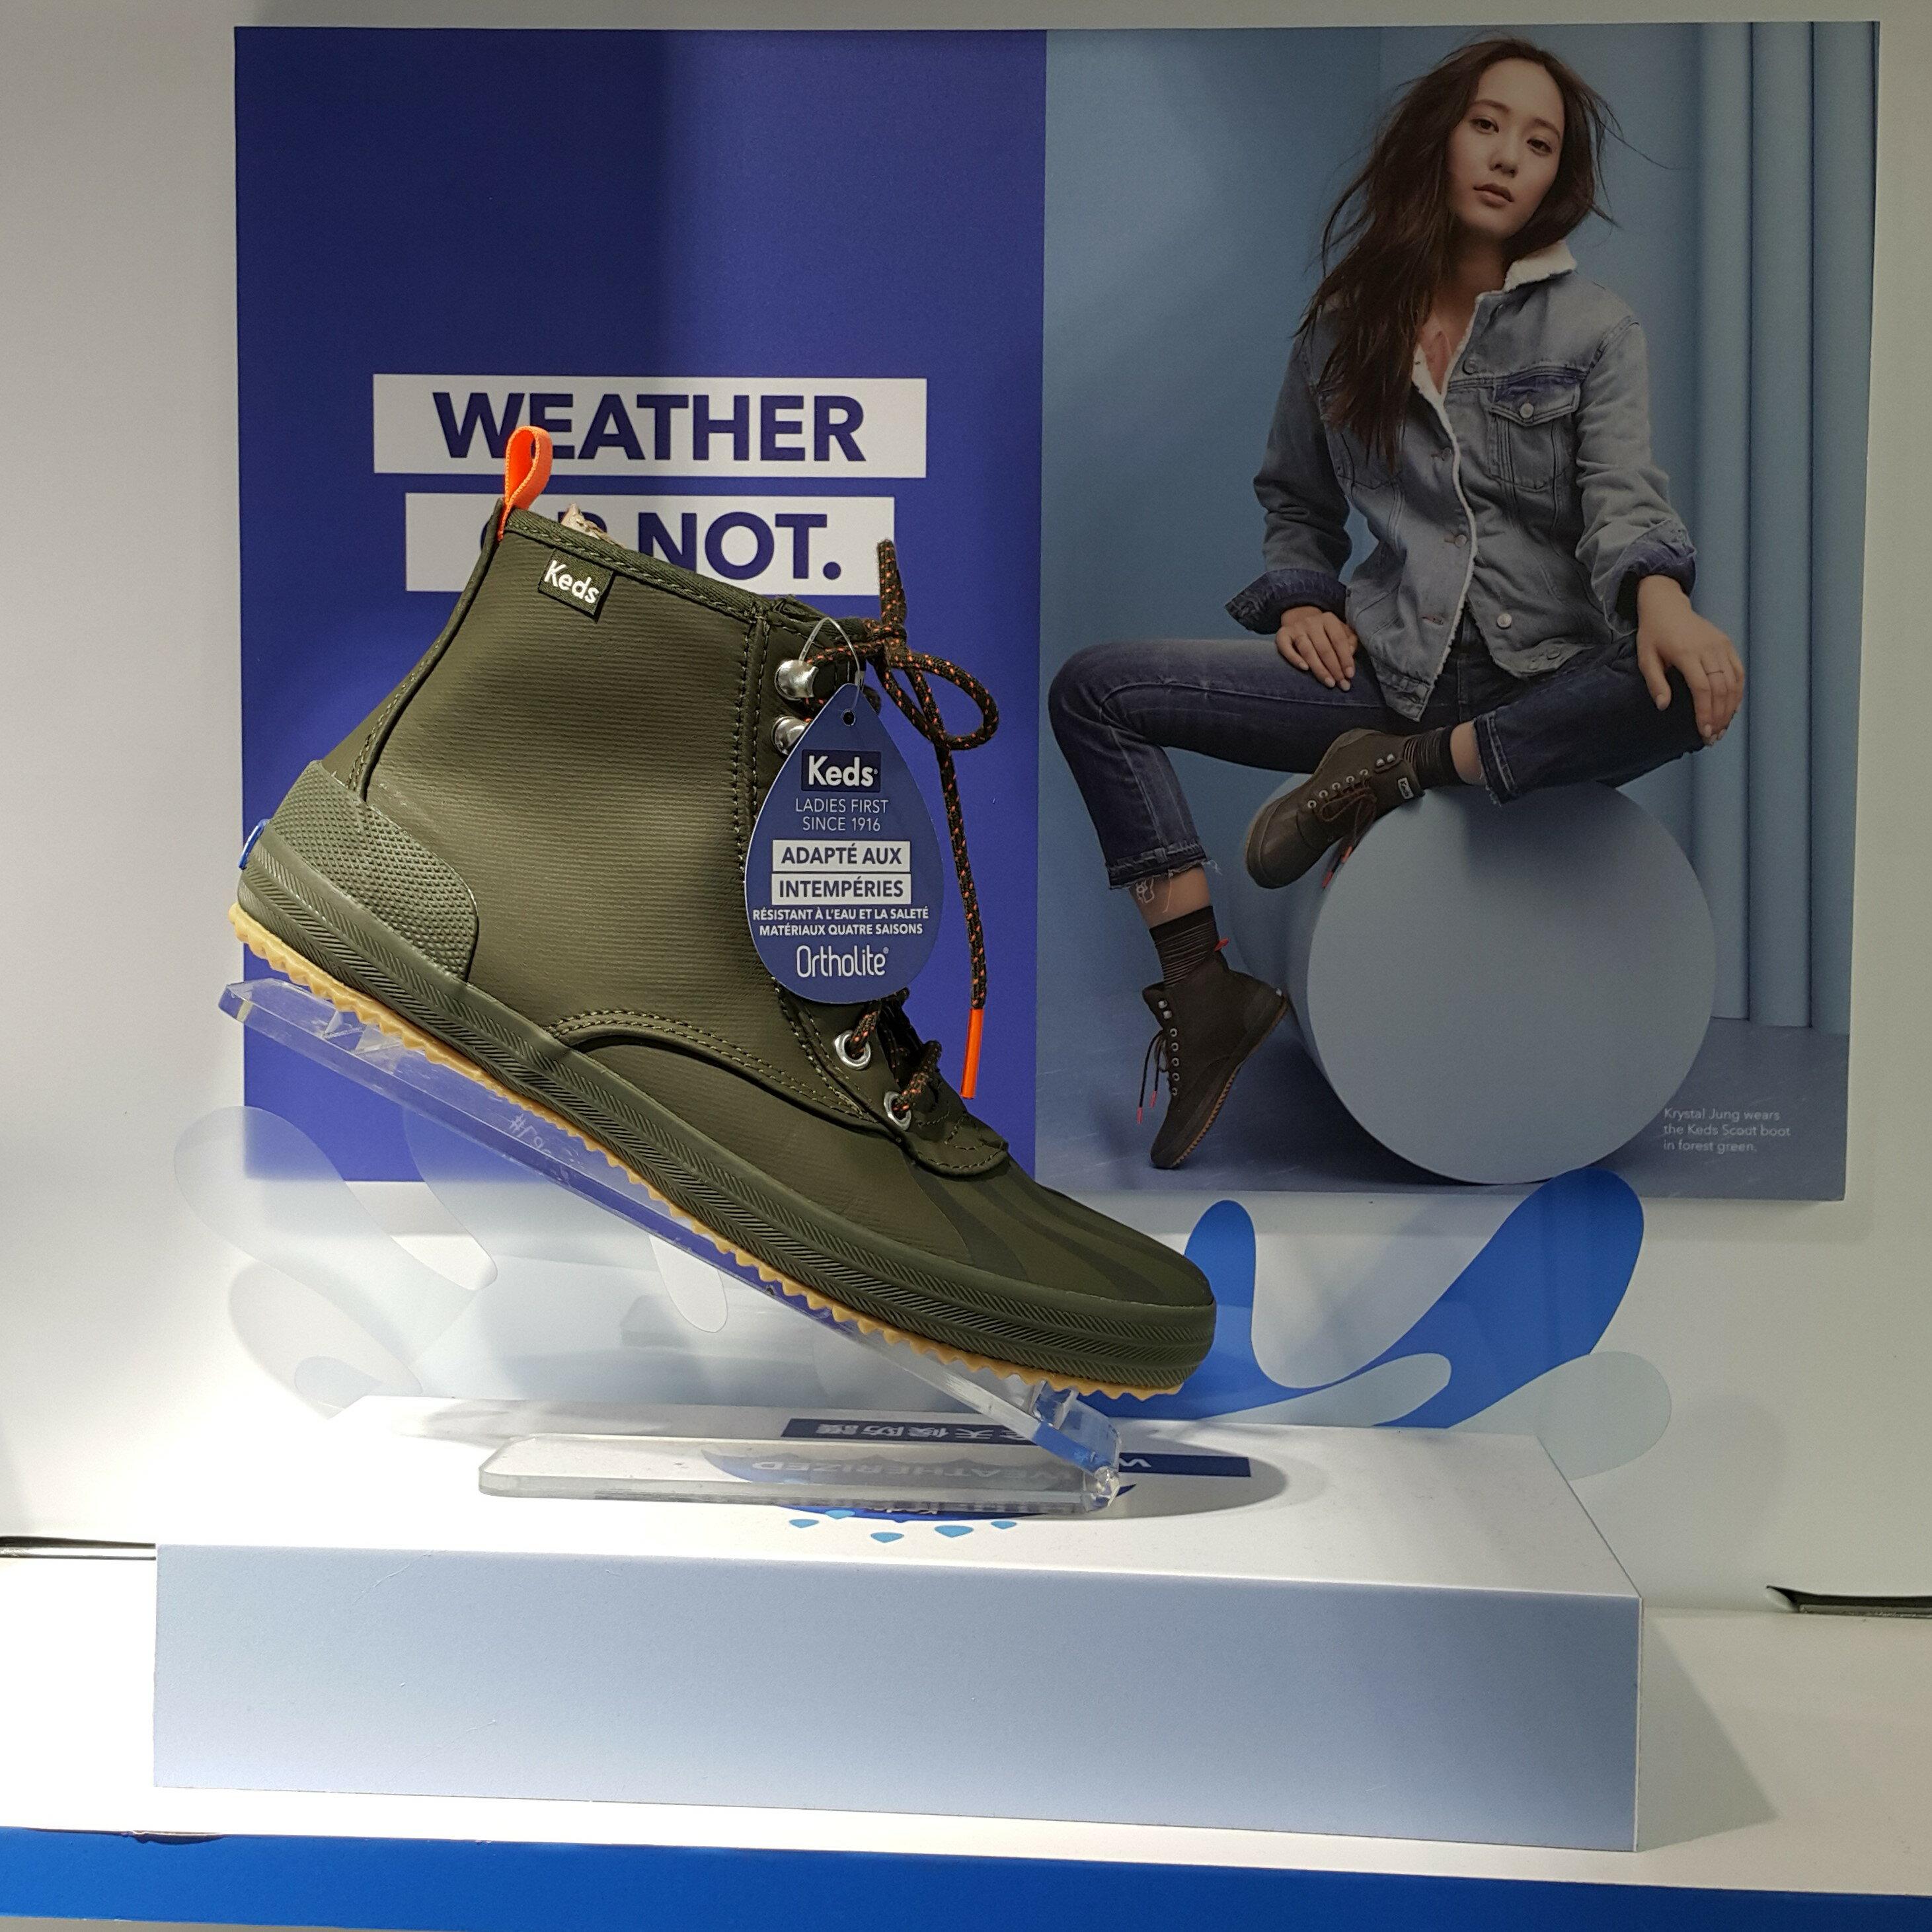 Keds SCOUT 雨靴 雨鞋 軍靴 靴款 高筒 防水 防潑水 綠色 軍綠色 Krystal 鄭秀晶 限時贈送Keds購物袋 送完為止